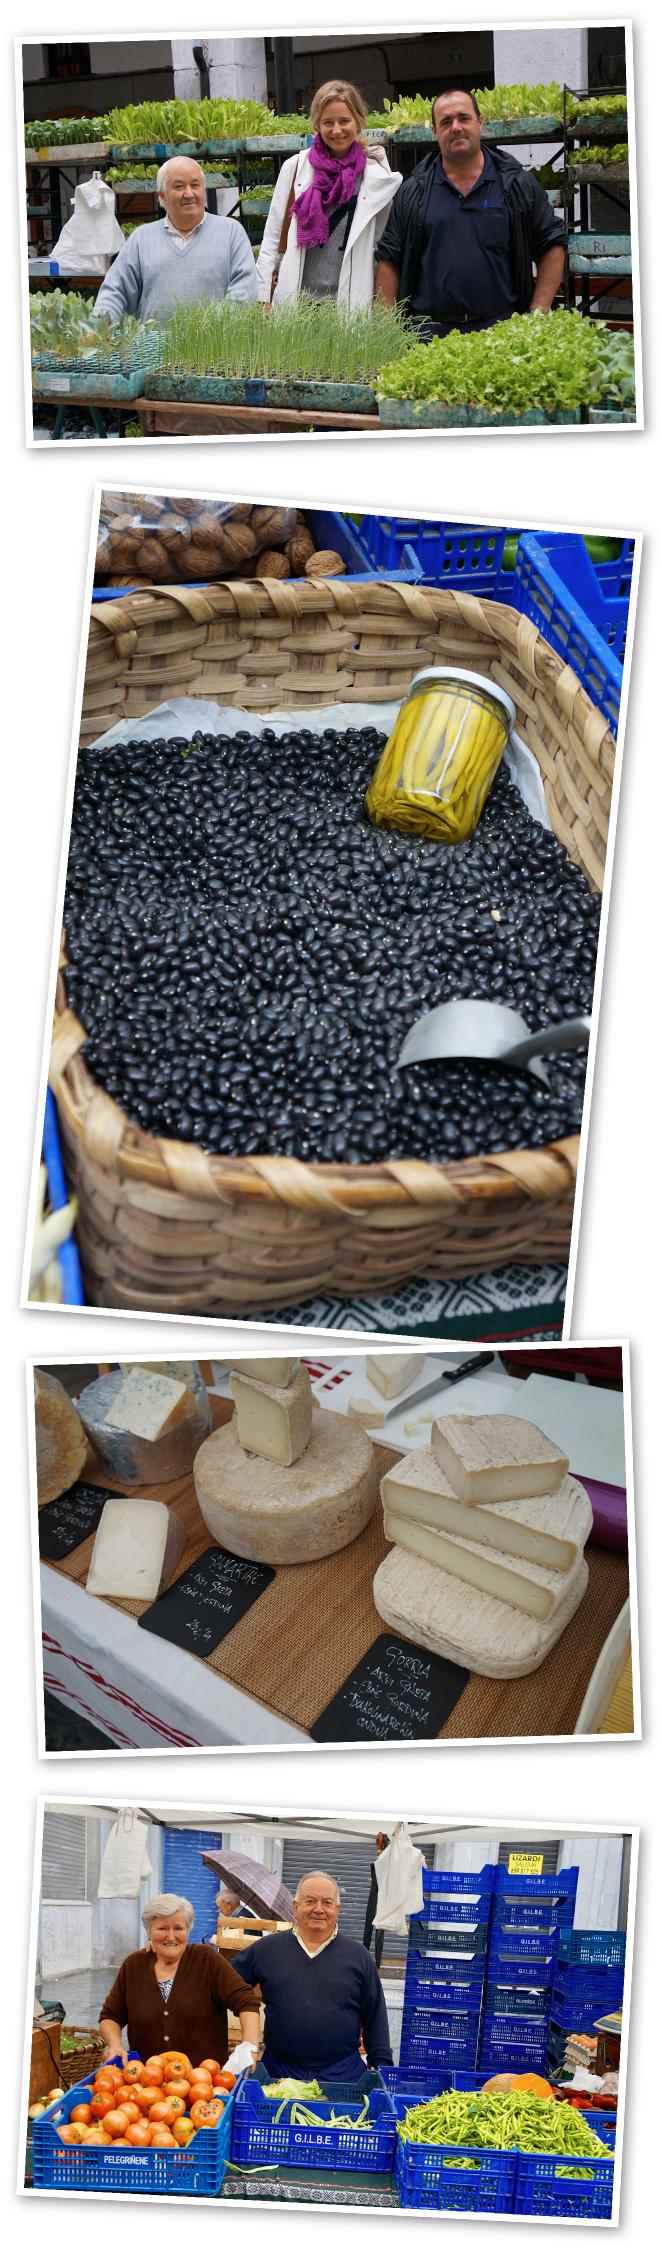 El mercado de Tolosa se celebra todos los sábados desde hace siglos y está considerado como uno de lo más típicos del País Vasco. Ocupa tres escenarios diferentes al aire libre, lo que transforma el centro de la villa en una gran feria. En el recinto del Tinglado o Zerkausia se venden los productos autóctonos más representativos de la zona, los productos de los caseríos. En la Plaza Verdura, nos encontramos con la feria de flores y plantas y en la Plaza Euskal Herria exponen a la venta productos foráneos y textiles